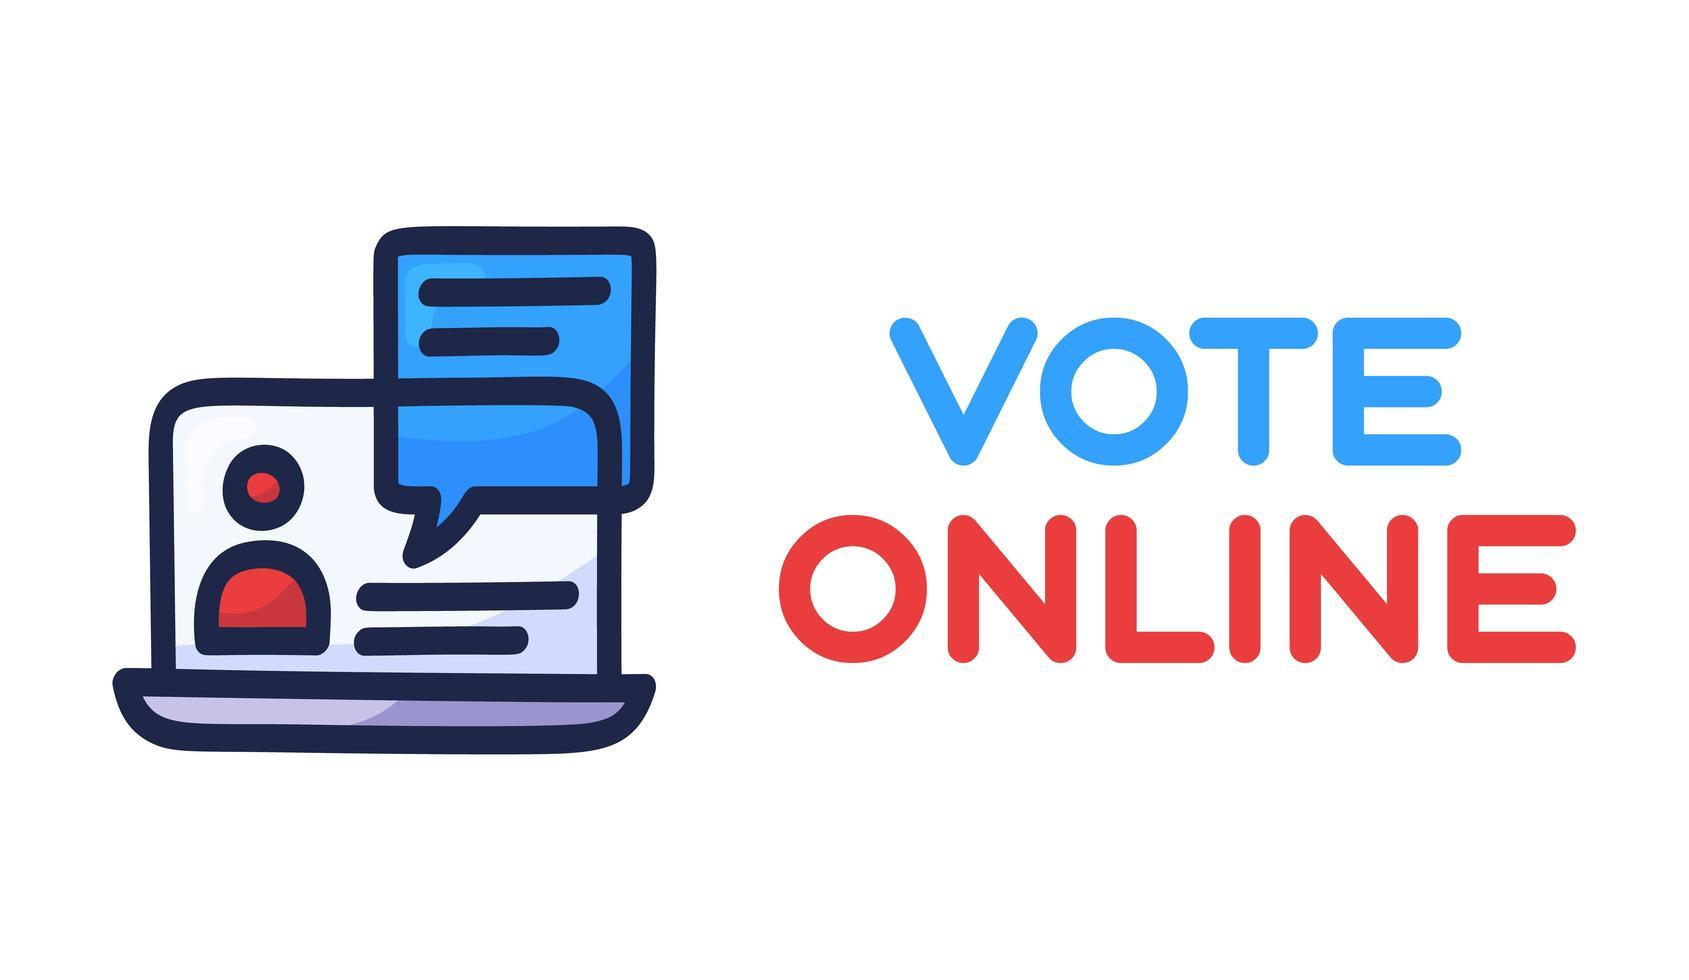 votar concepto en línea. Voto electrónico en Estados Unidos. burbuja de chat en la pantalla del portátil y texto. Elecciones presidenciales 2020 e ilustración vectorial de cuarentena de coronavirus. vector